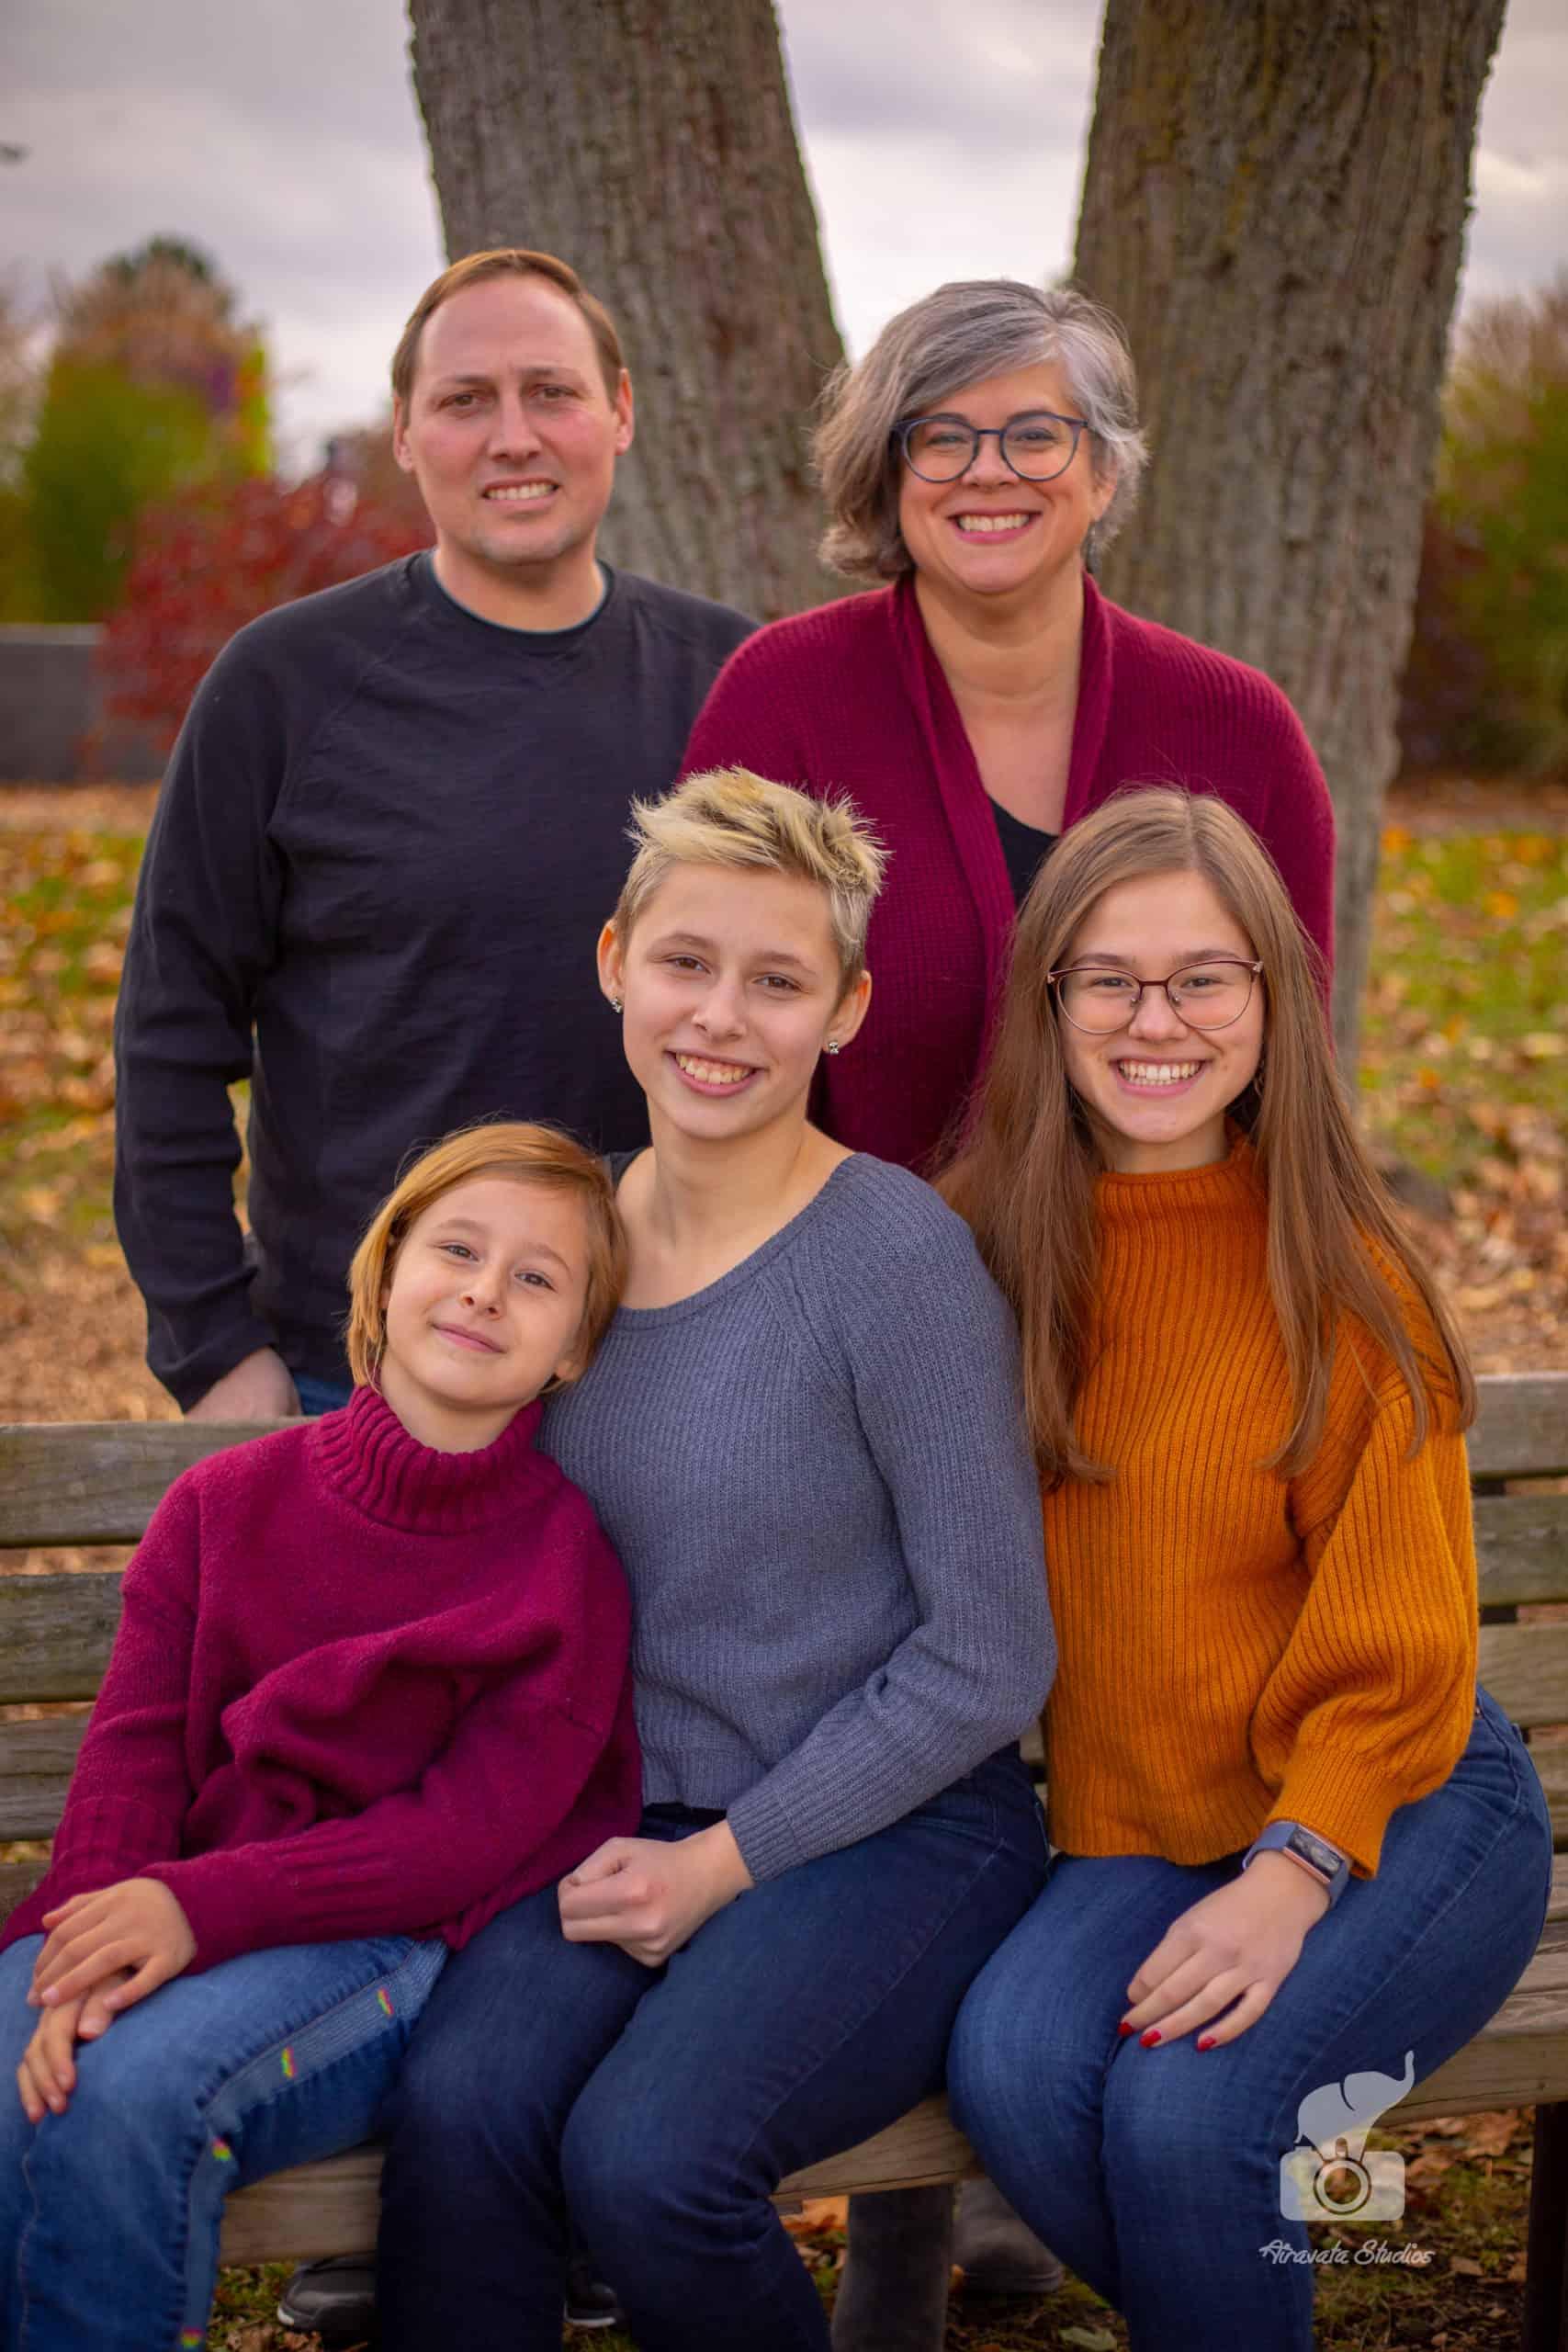 Ann Arbor Family Photography24